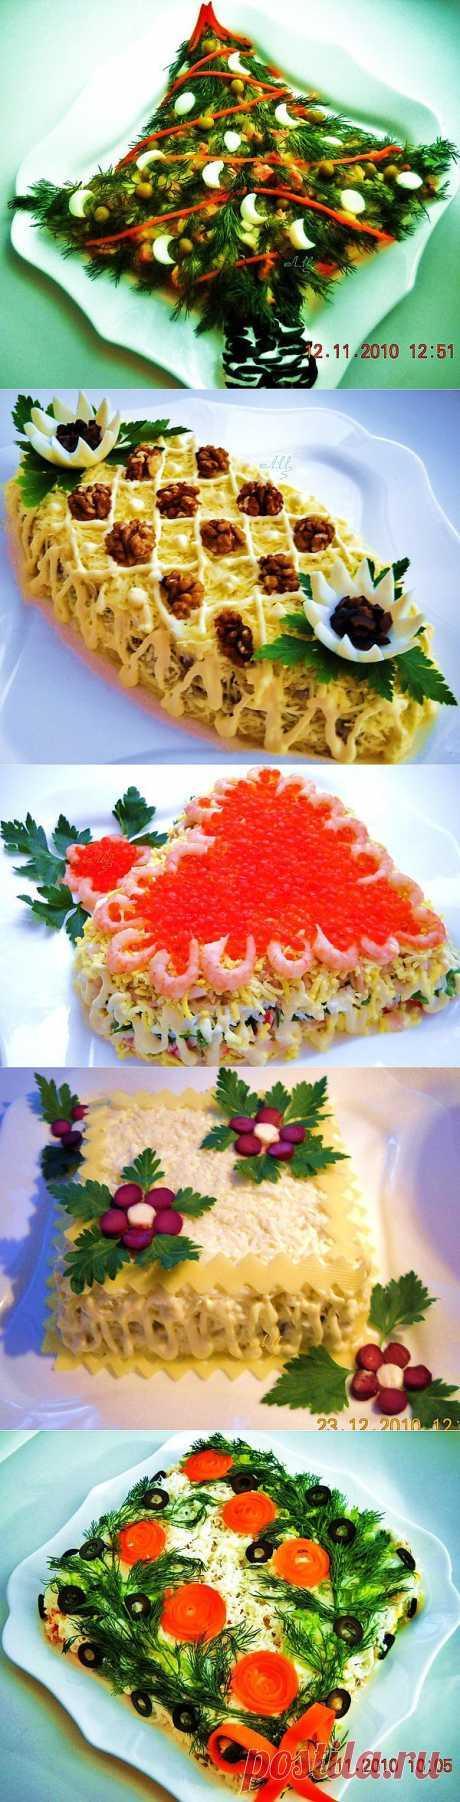 10 вкуснейших нарядных салатов на новогоднем столе!.